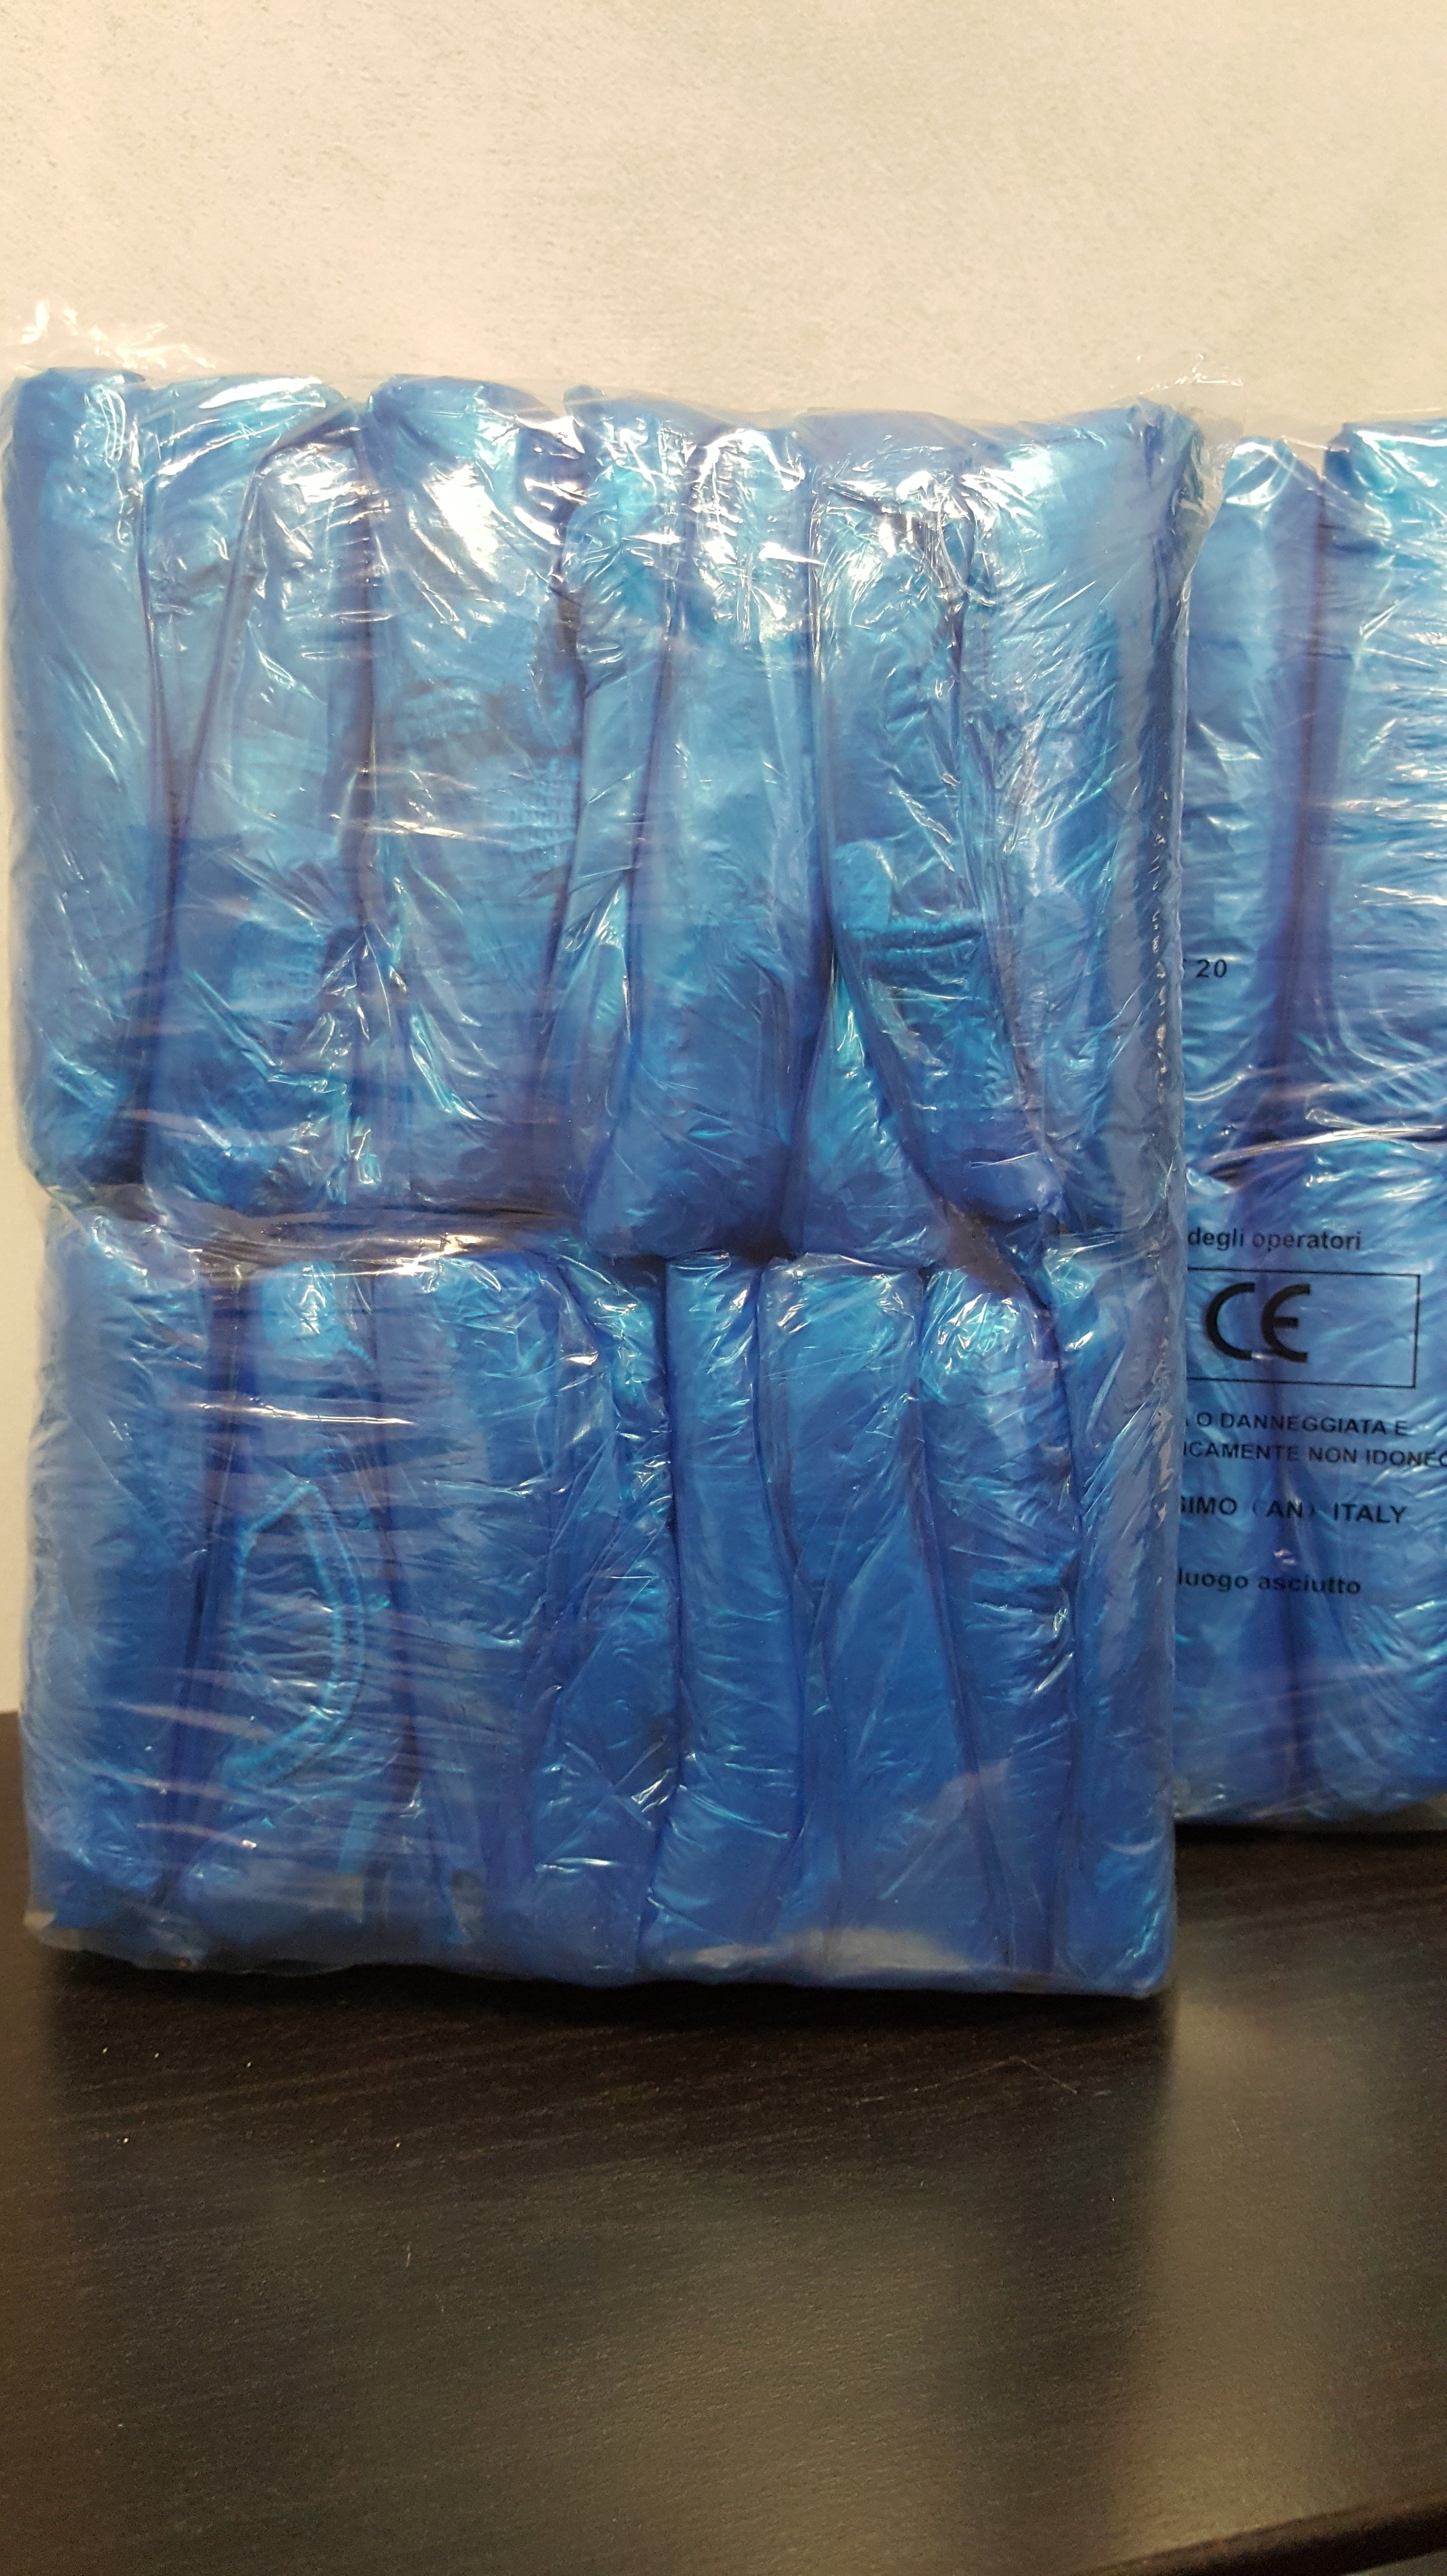 sacchetti di plastica blu